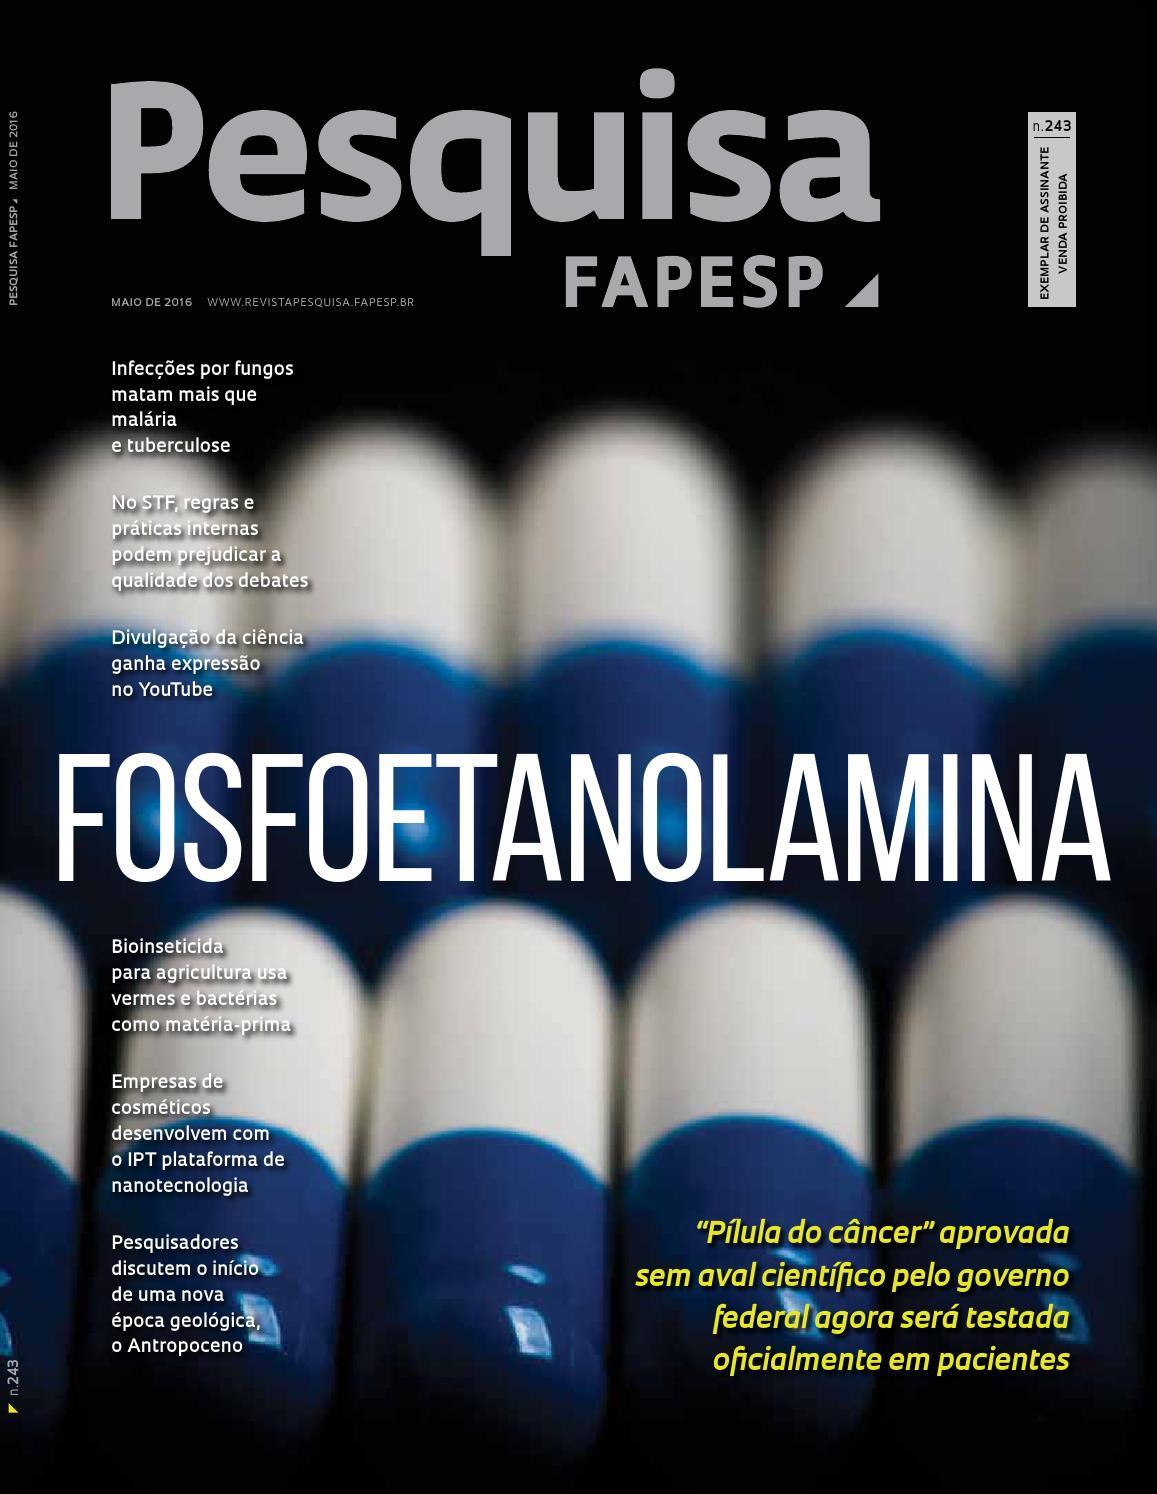 a177d95a1 Fosfoetanolamina by Pesquisa Fapesp - issuu